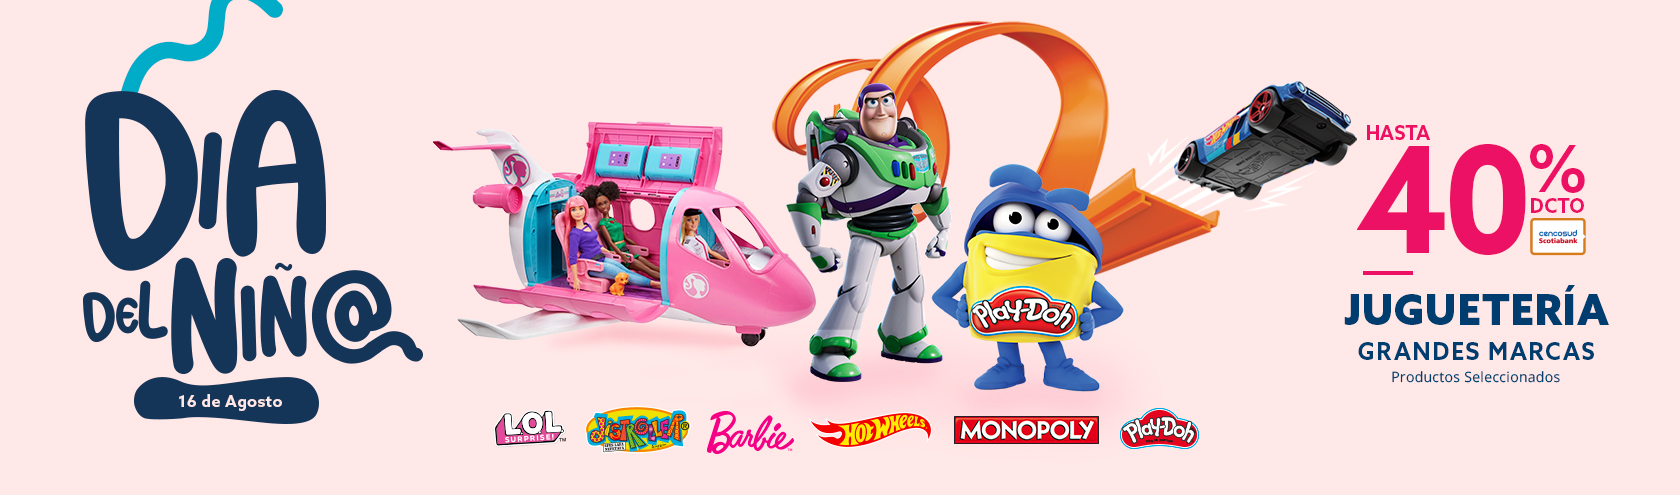 Hasta 40 porciento de descuento con Tarjeta Cencosud Jueguetería. Barbie, Hot Wheels, LOL, Distroller, Monopoly, Play-Doh